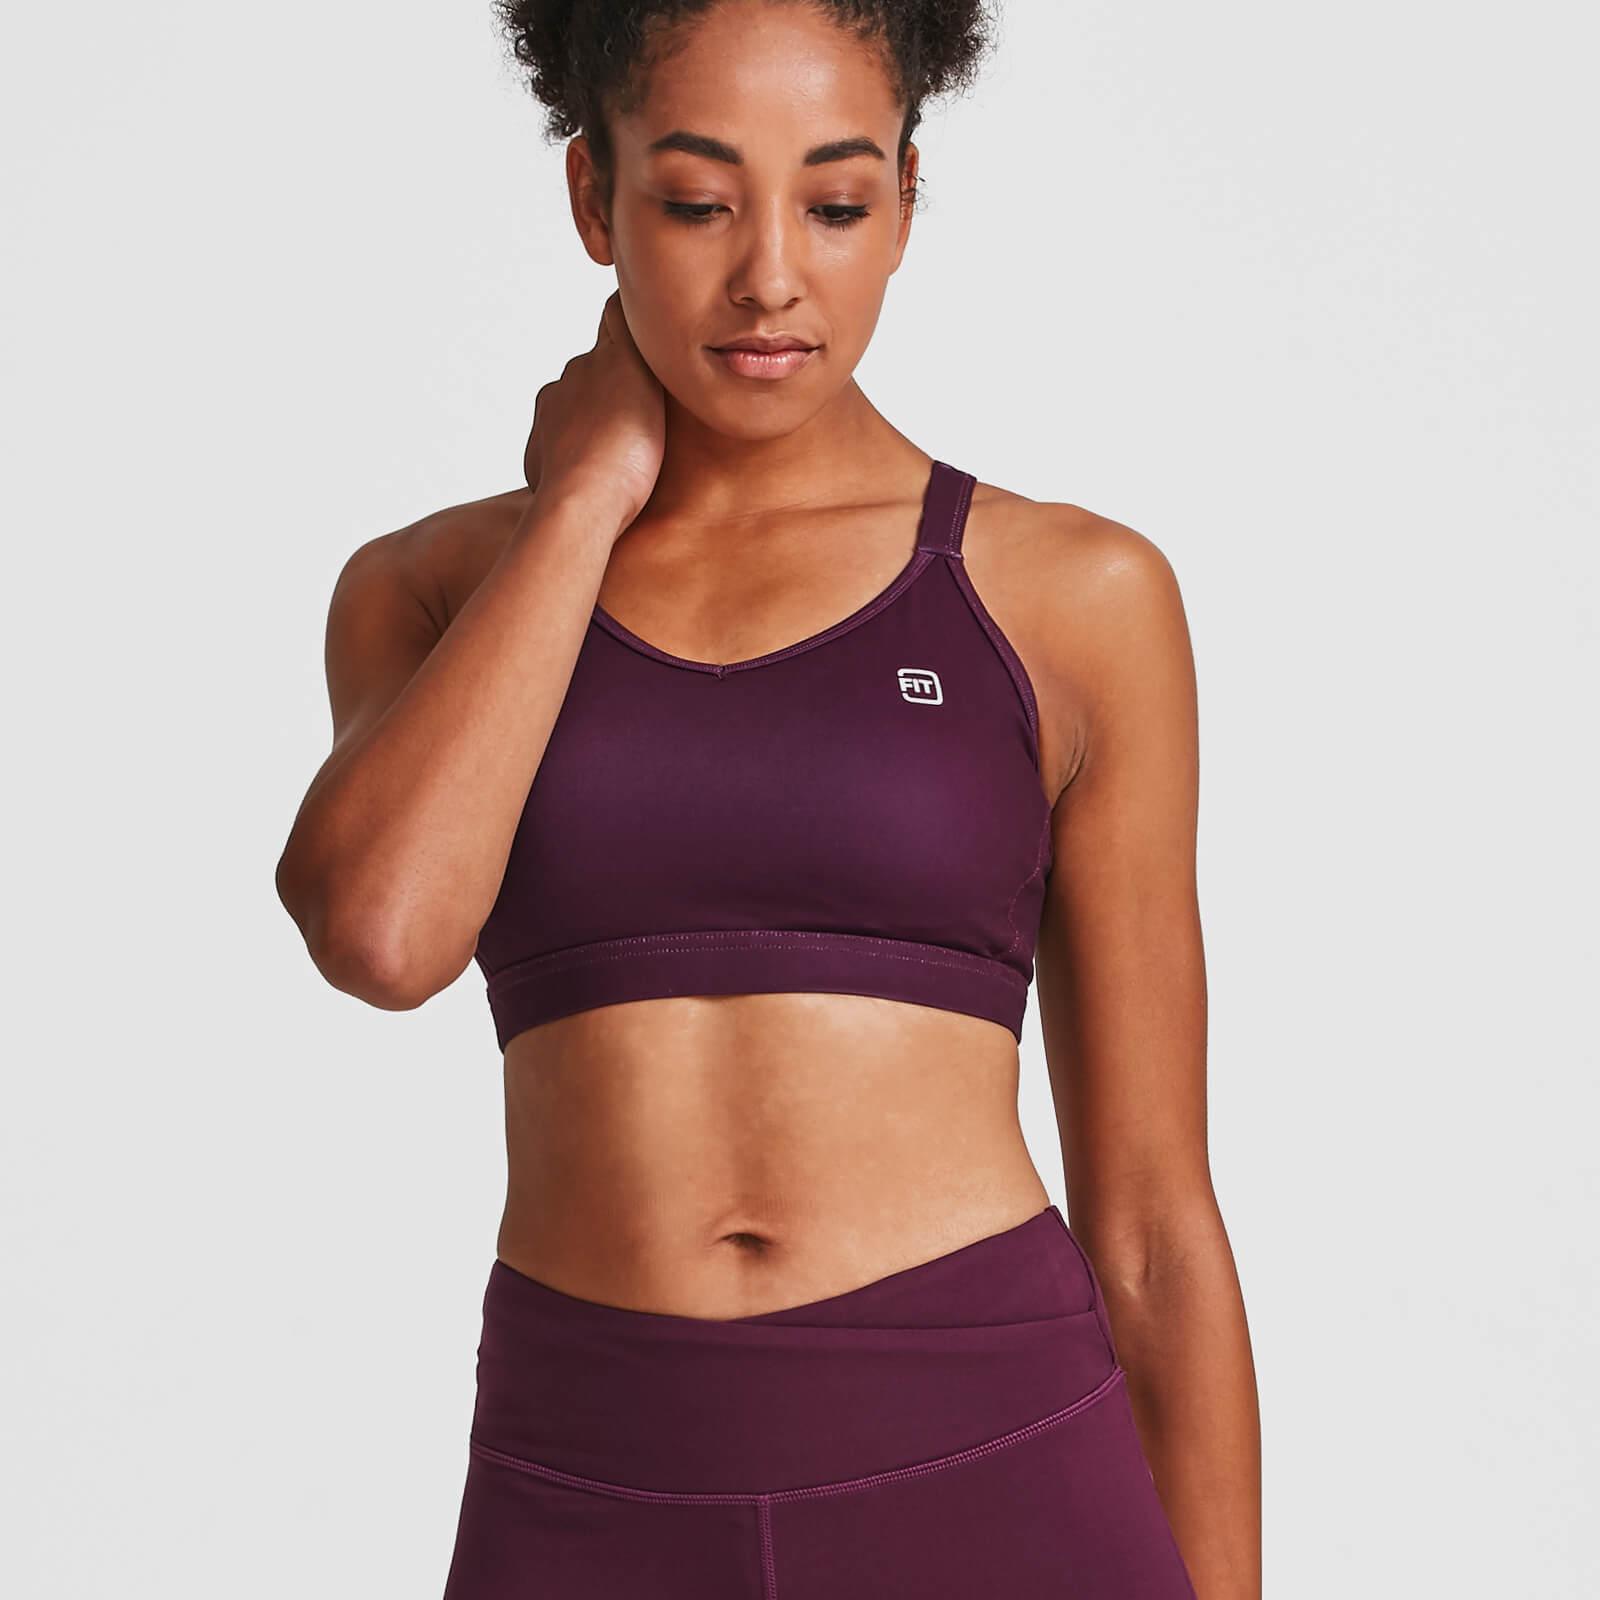 IdealFit Core Sports Bra - Dark Berry - XL - Purple